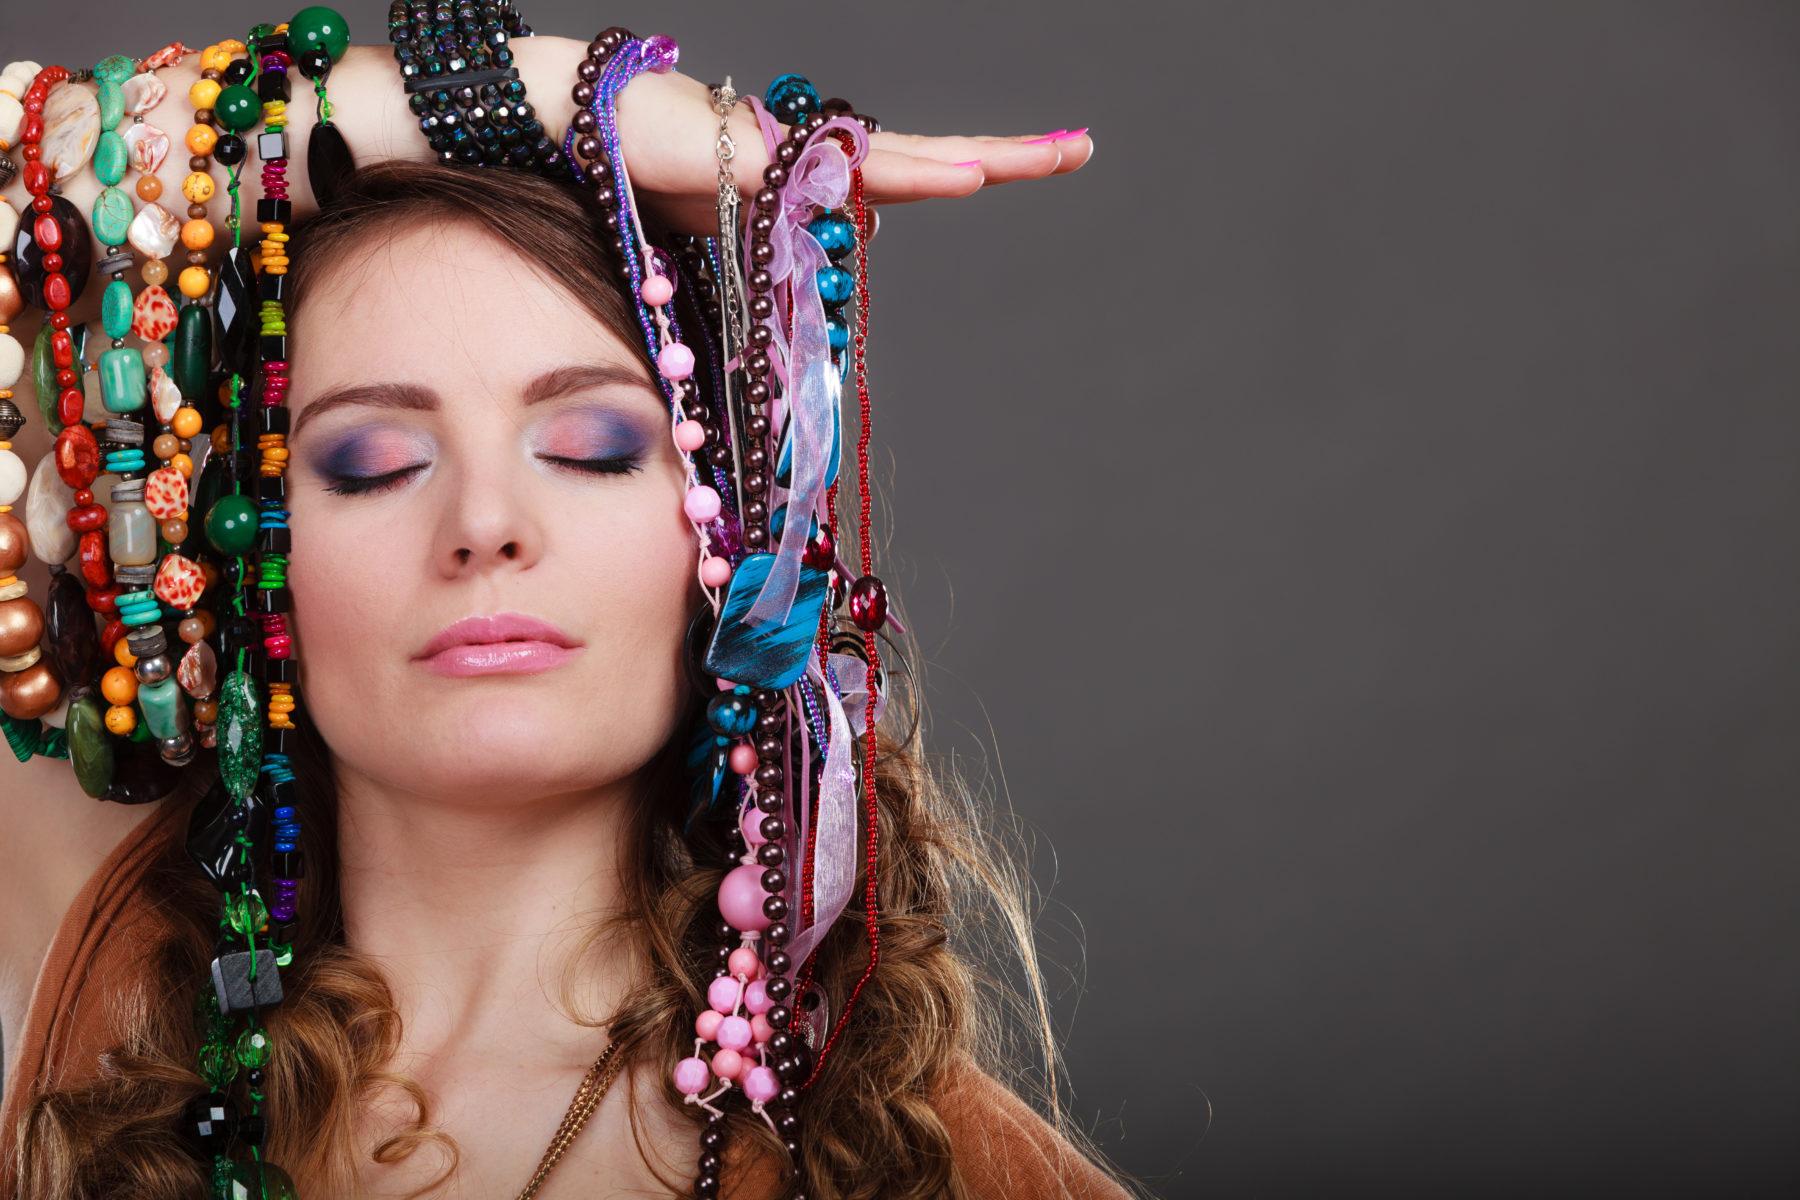 Schmuck Ketten Collier Collier Arrangement Ums Gesicht Einer Frau Shutterstock 445924699